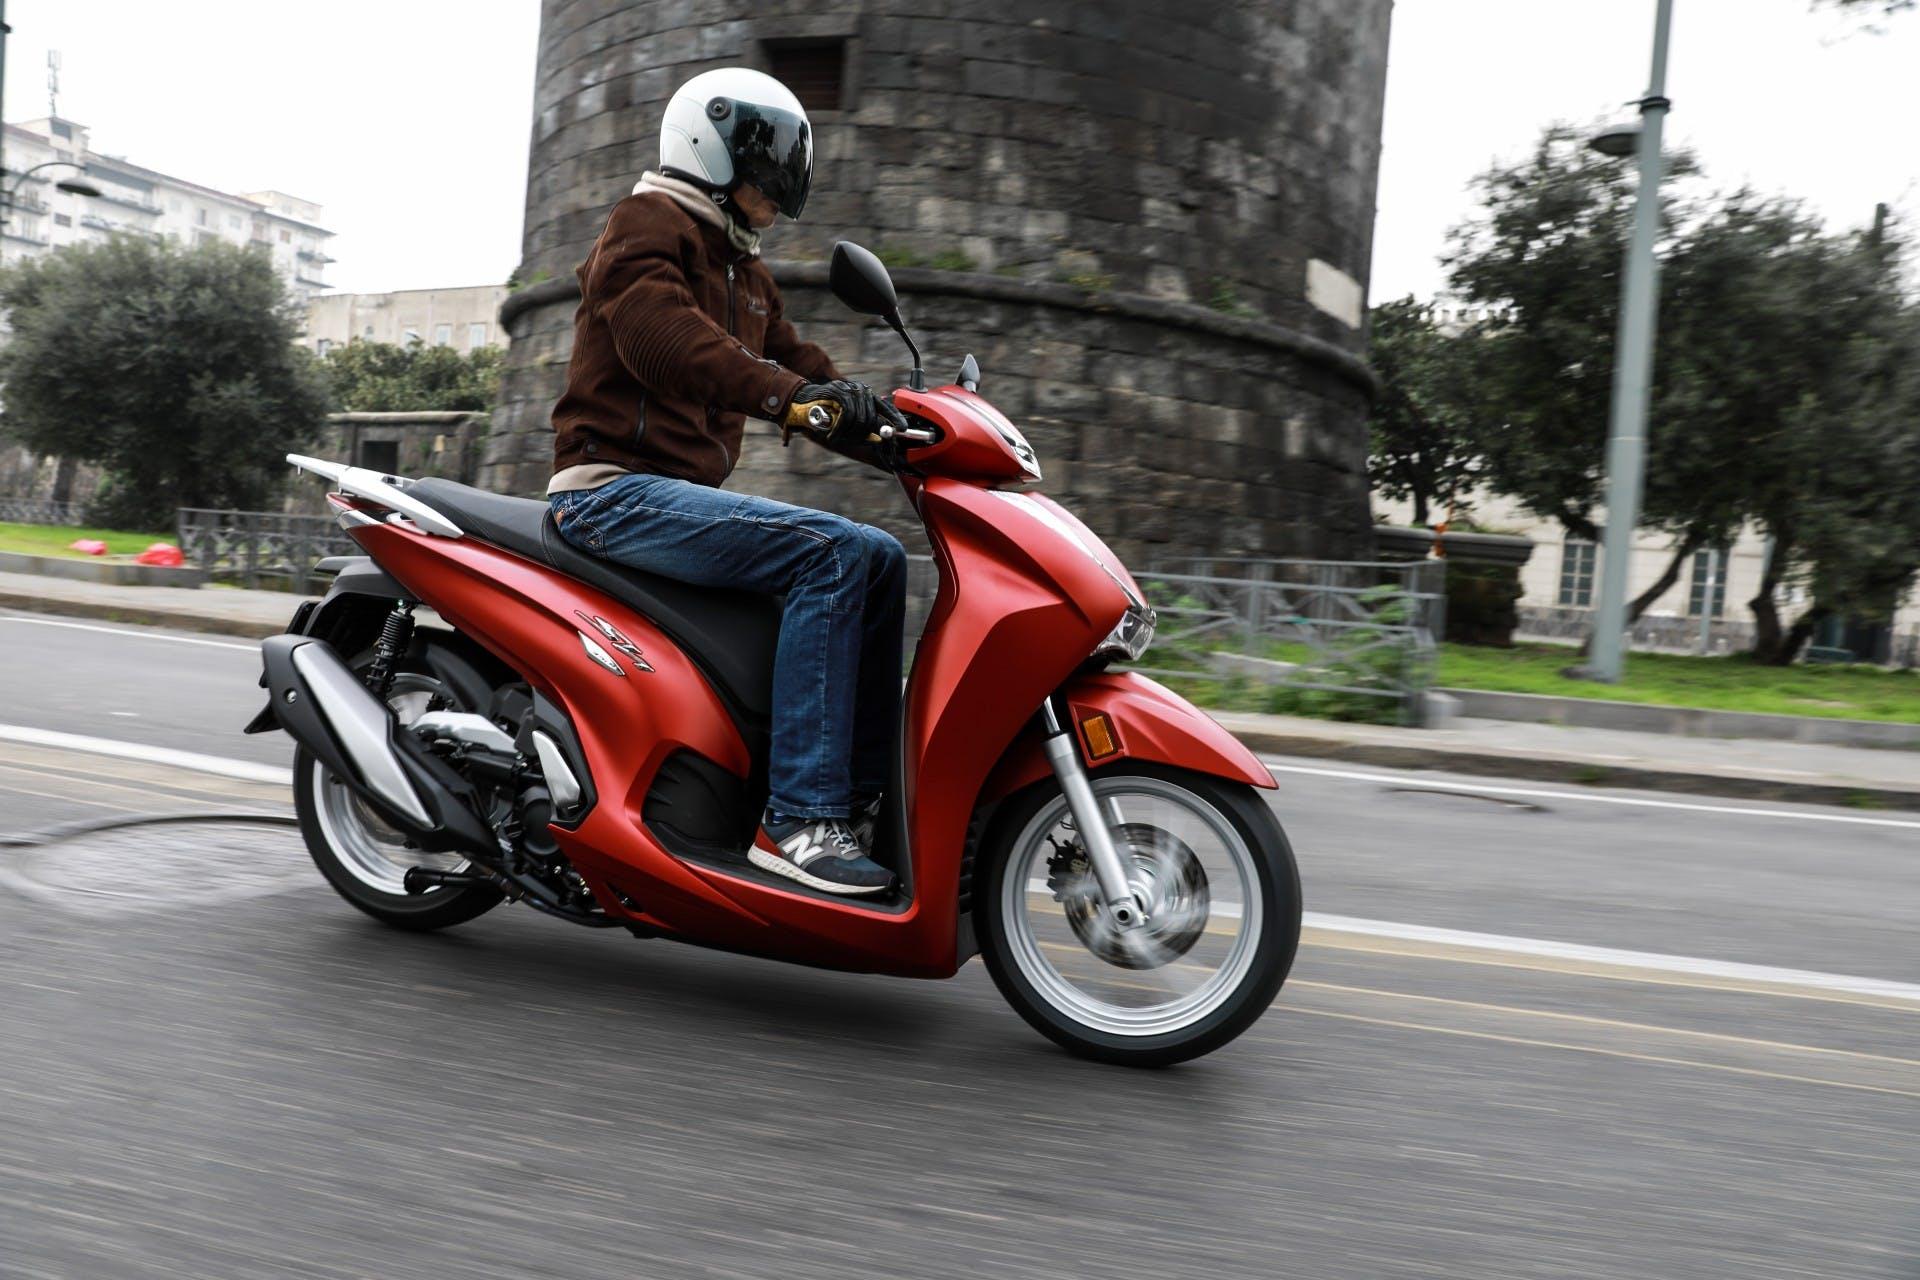 Honda SH350i migliori scooter a ruota alta